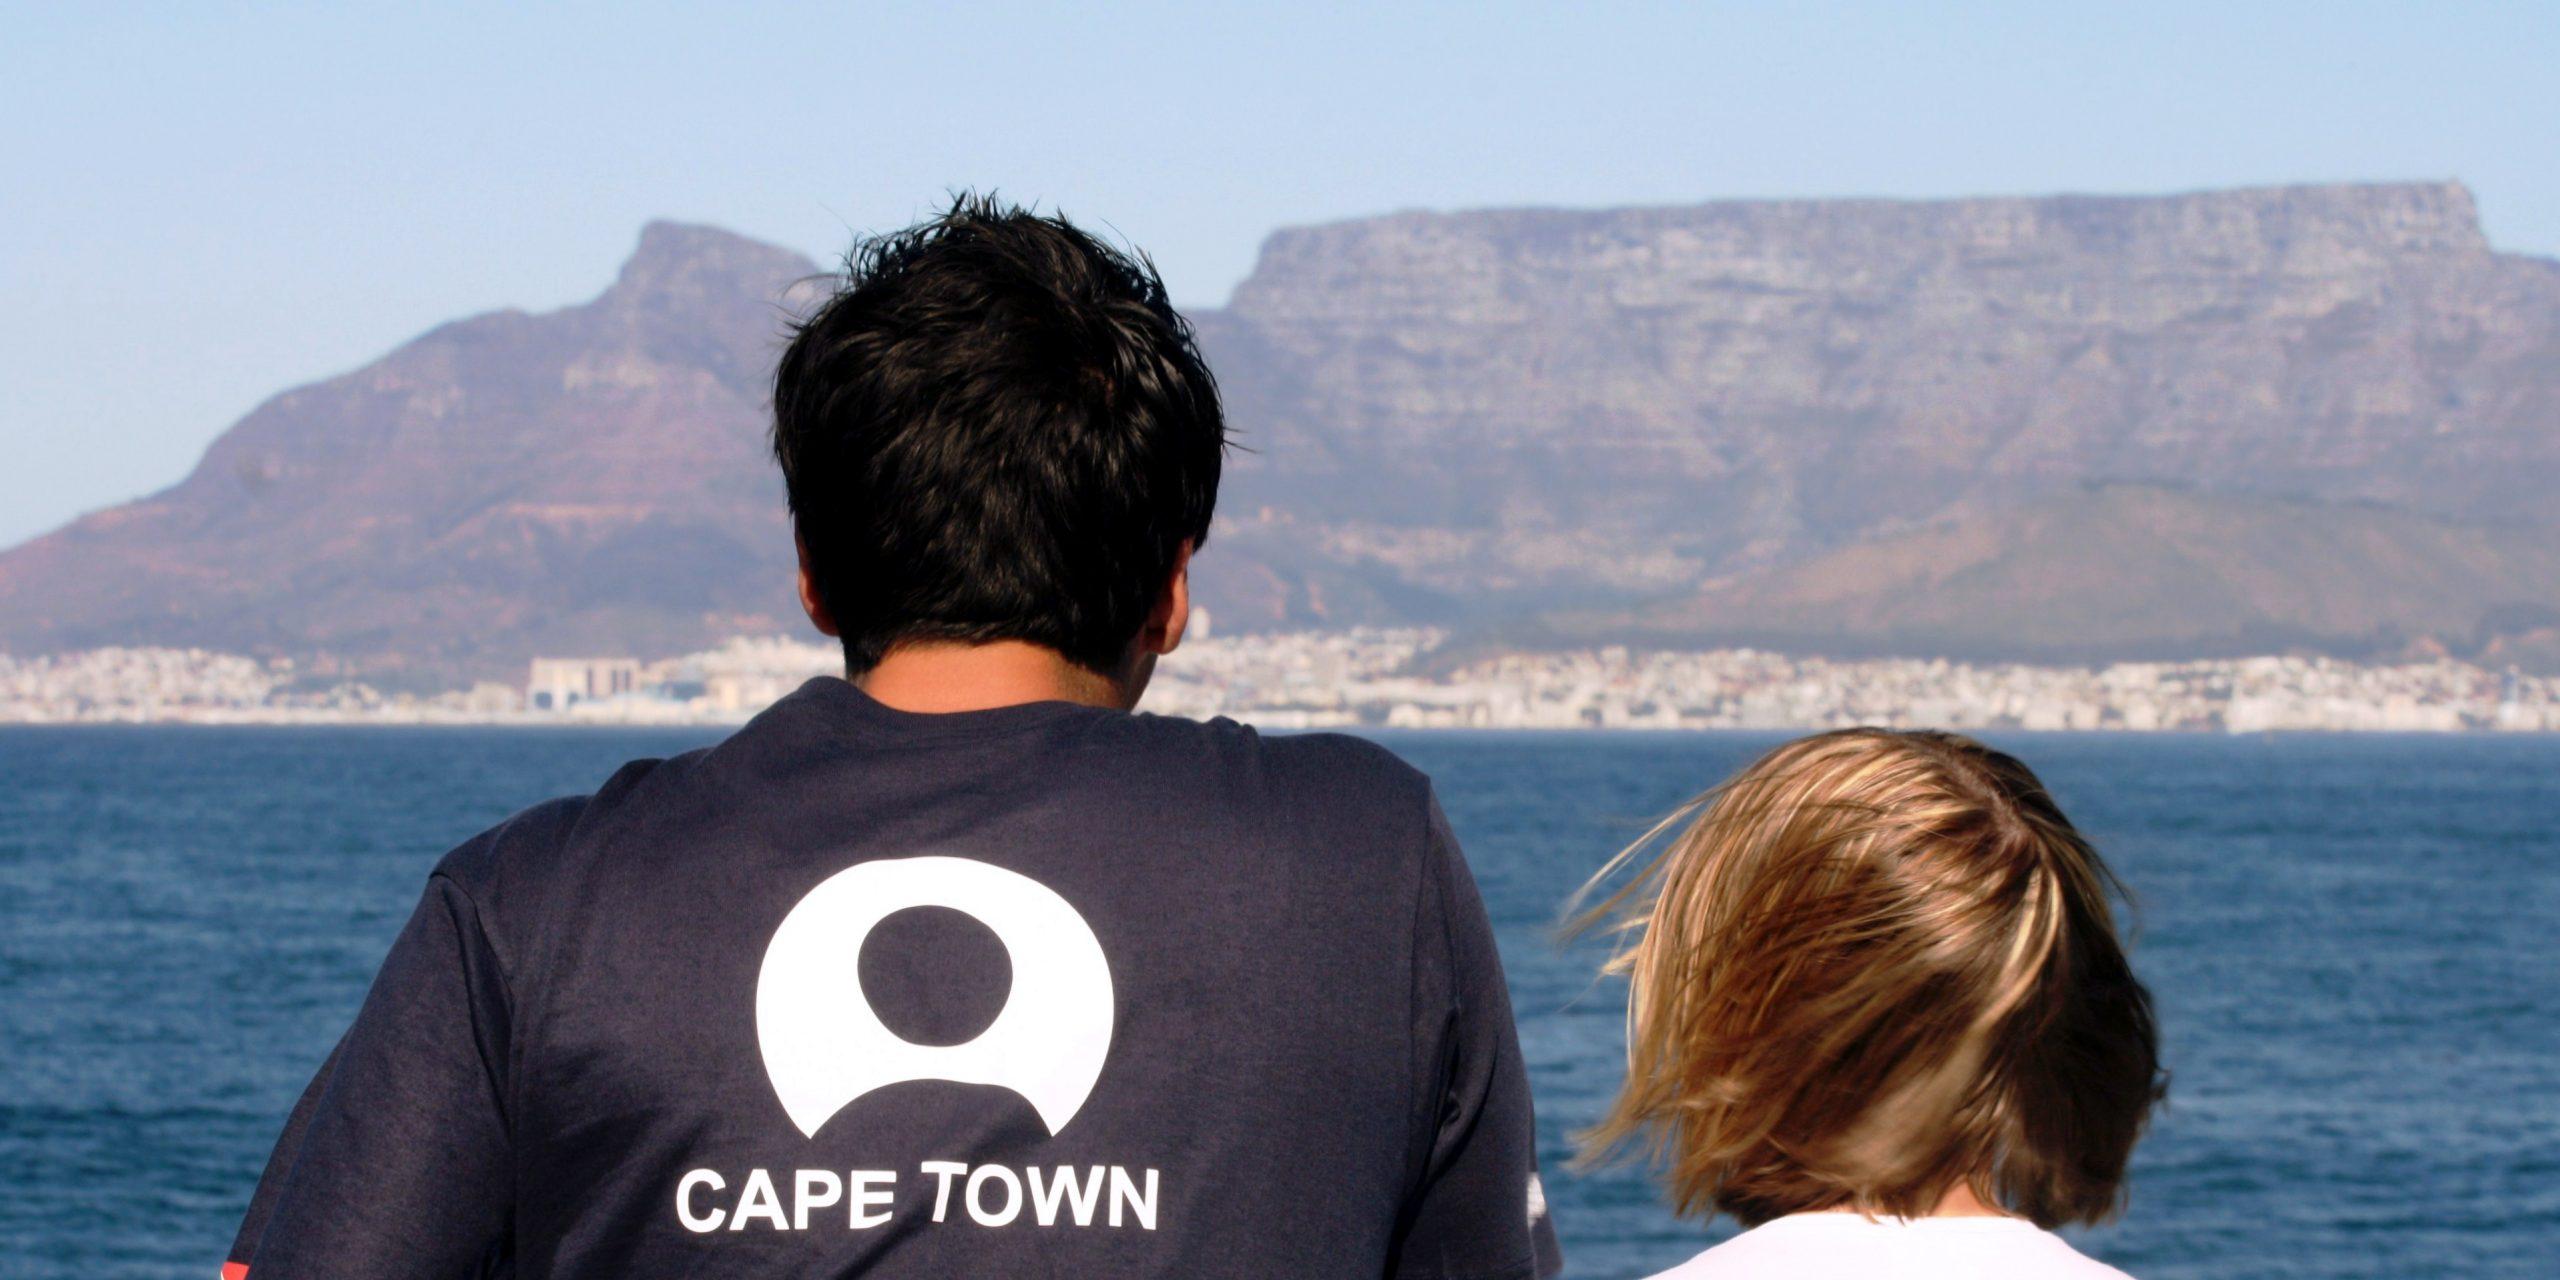 GVI participants visit Cape Town as part of a responsible travel program